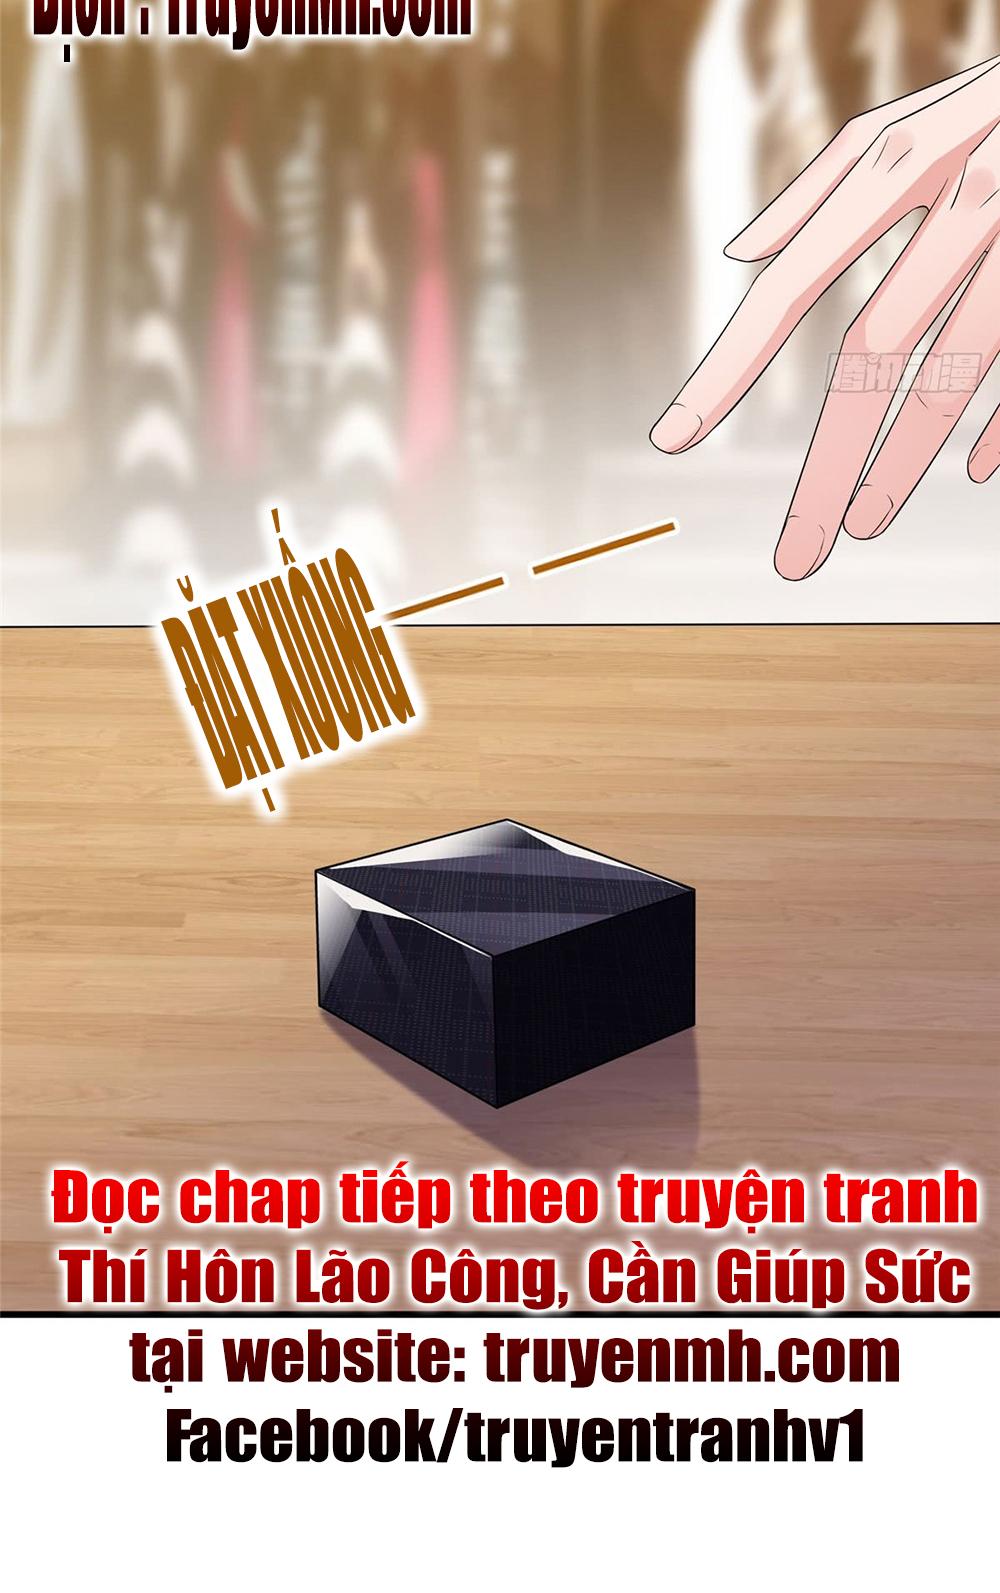 Thí Hôn Lão Công, Cần Giúp Sức Chap 54